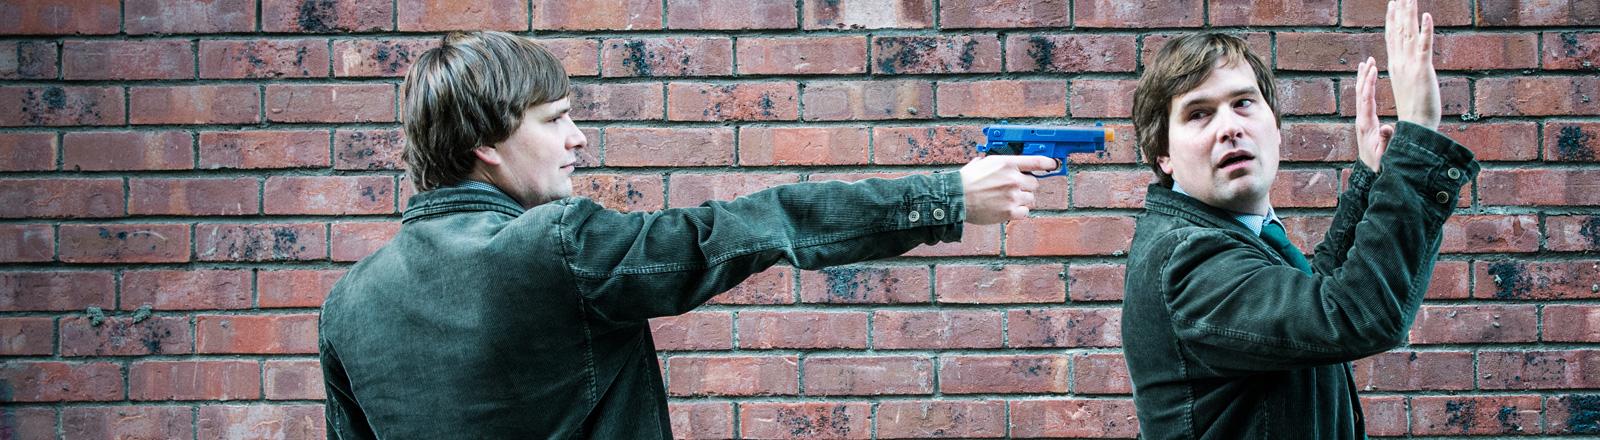 Überfall mit Pistole